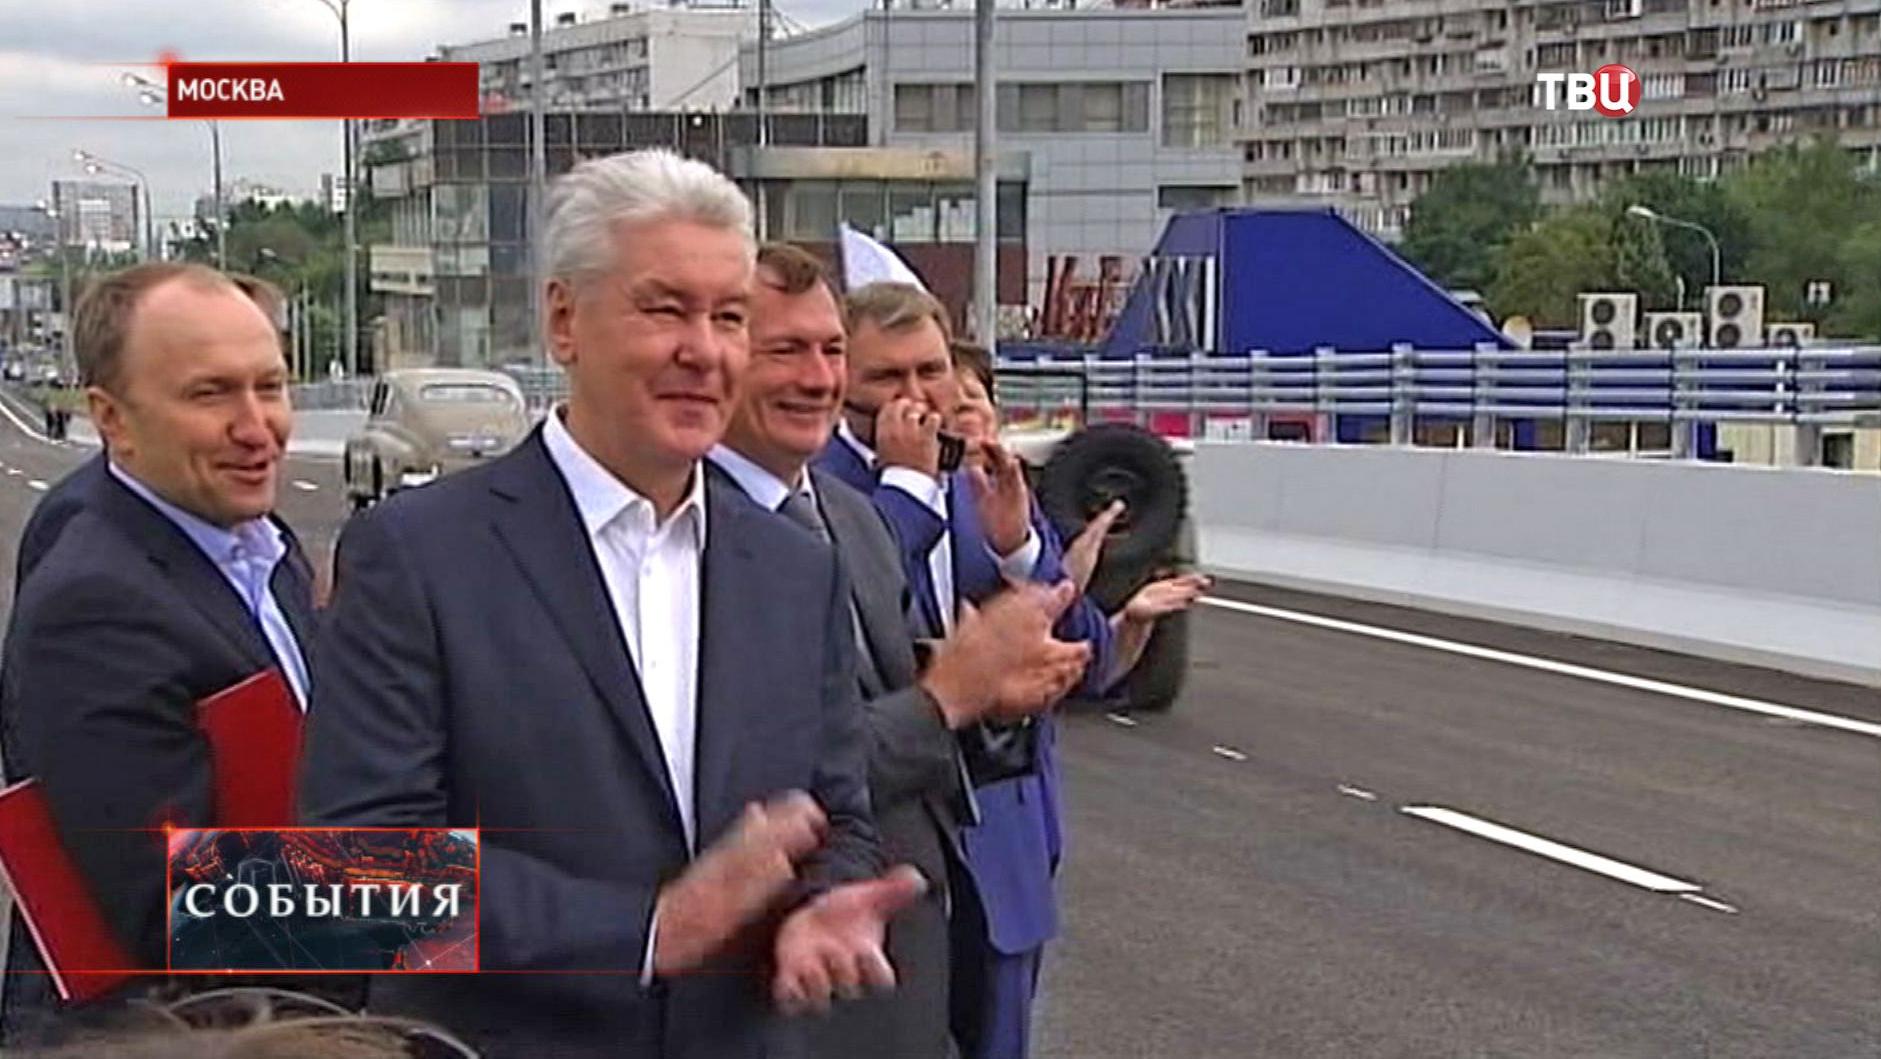 Сергей Собянин открыл новую эстакаду на Варшавском шоссе